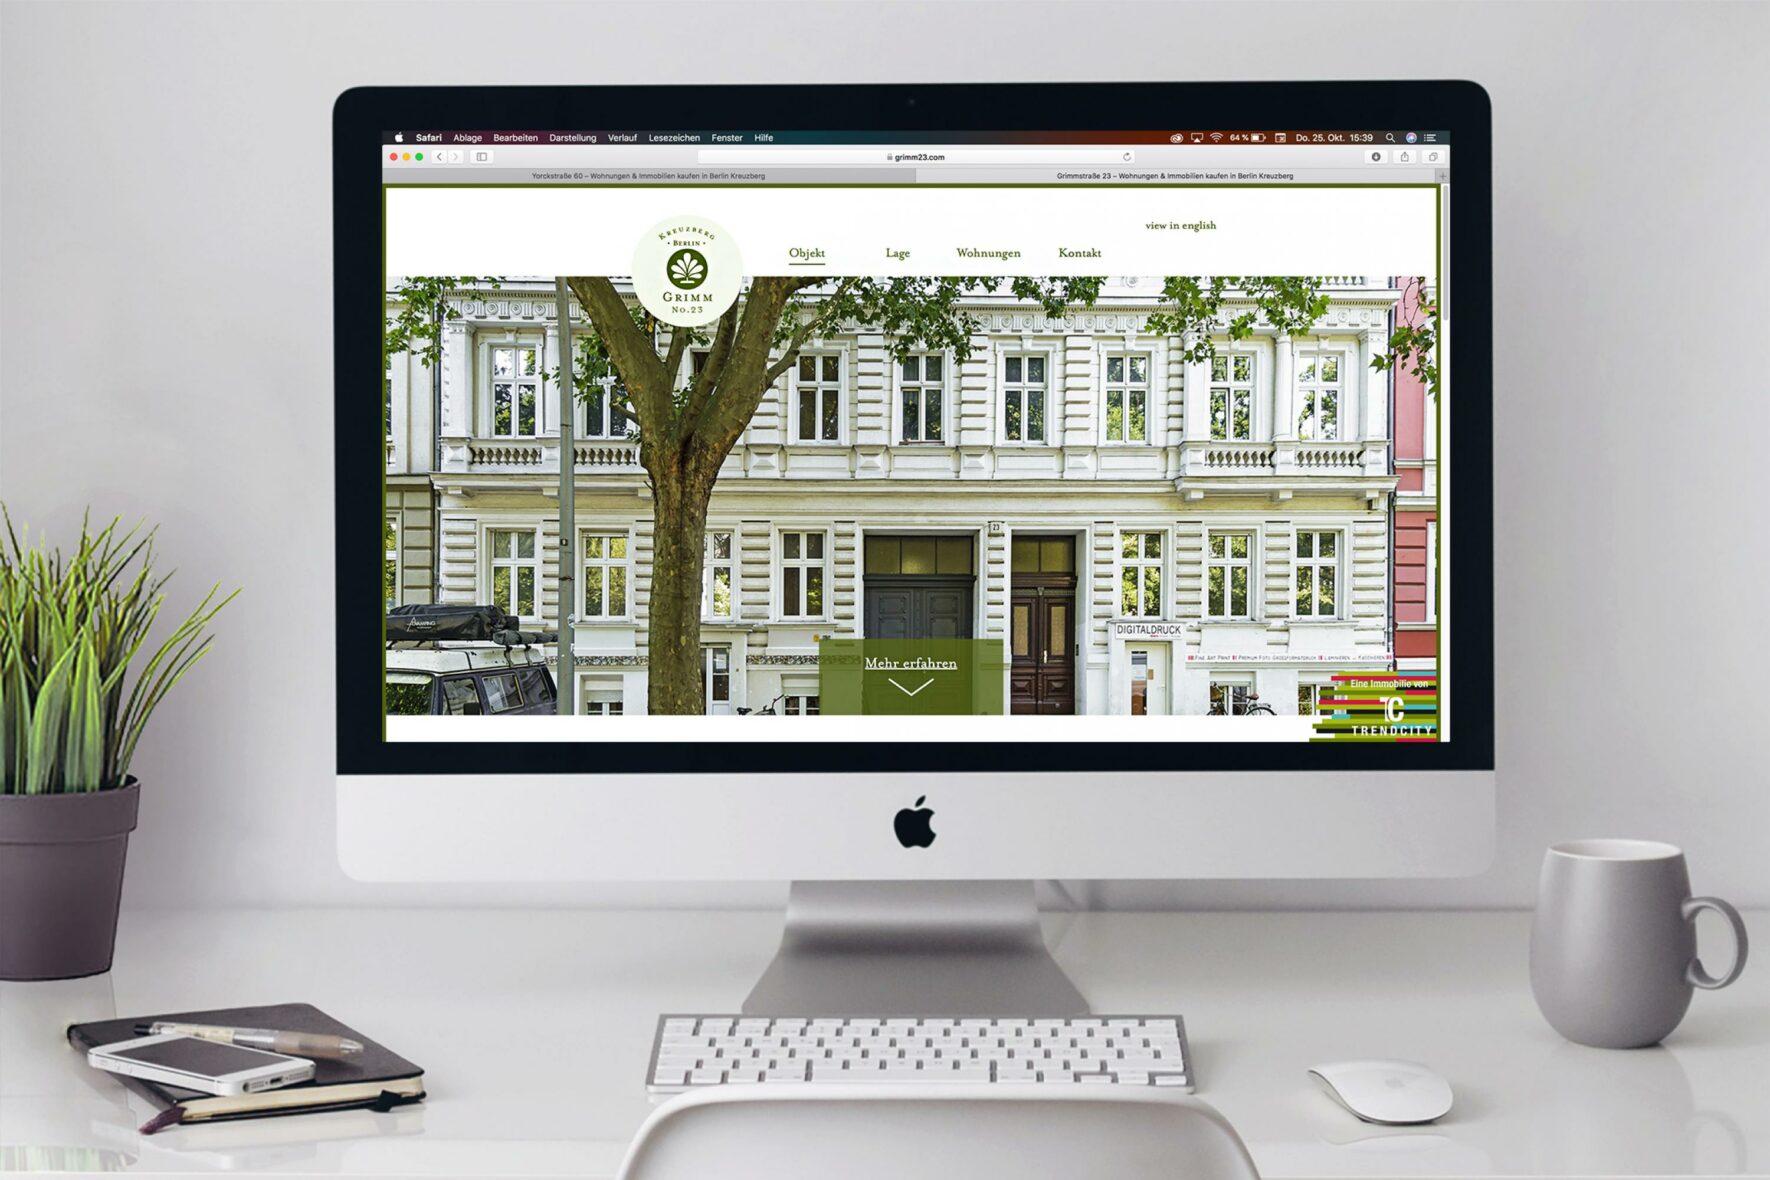 Webiste-Objekte-Branding-Trendcity-Immobilien-Corporate-design-Grimm-1 Kopie